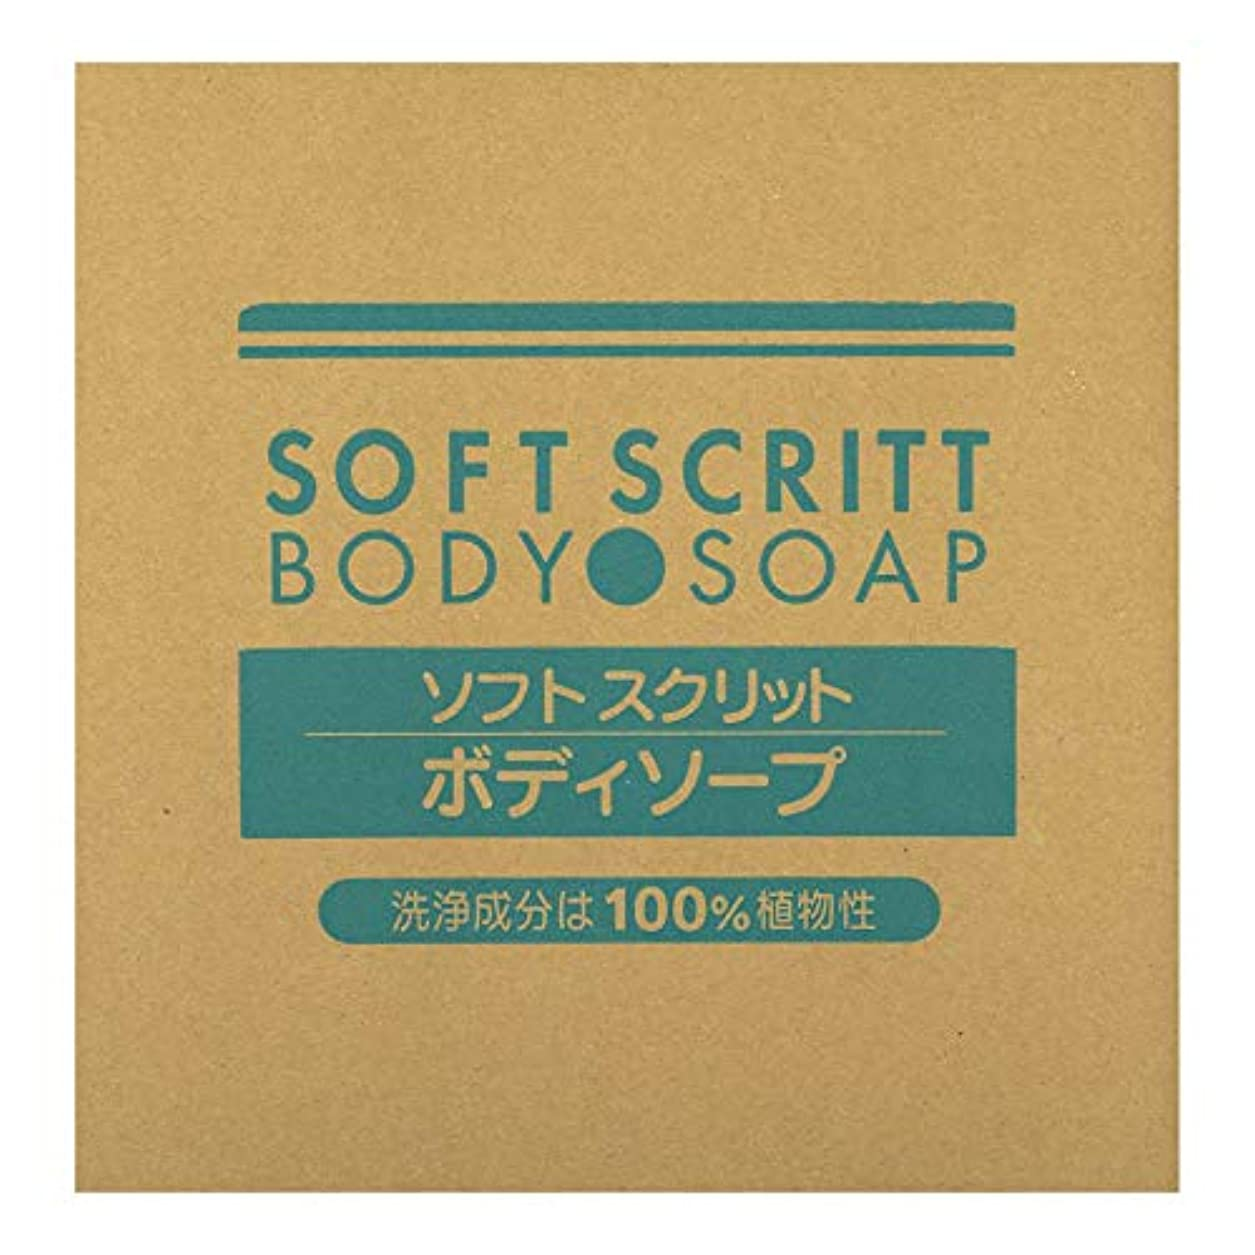 靴受賞不忠熊野油脂 業務用 SOFT SCRITT(ソフト スクリット) ボディソープ 18L